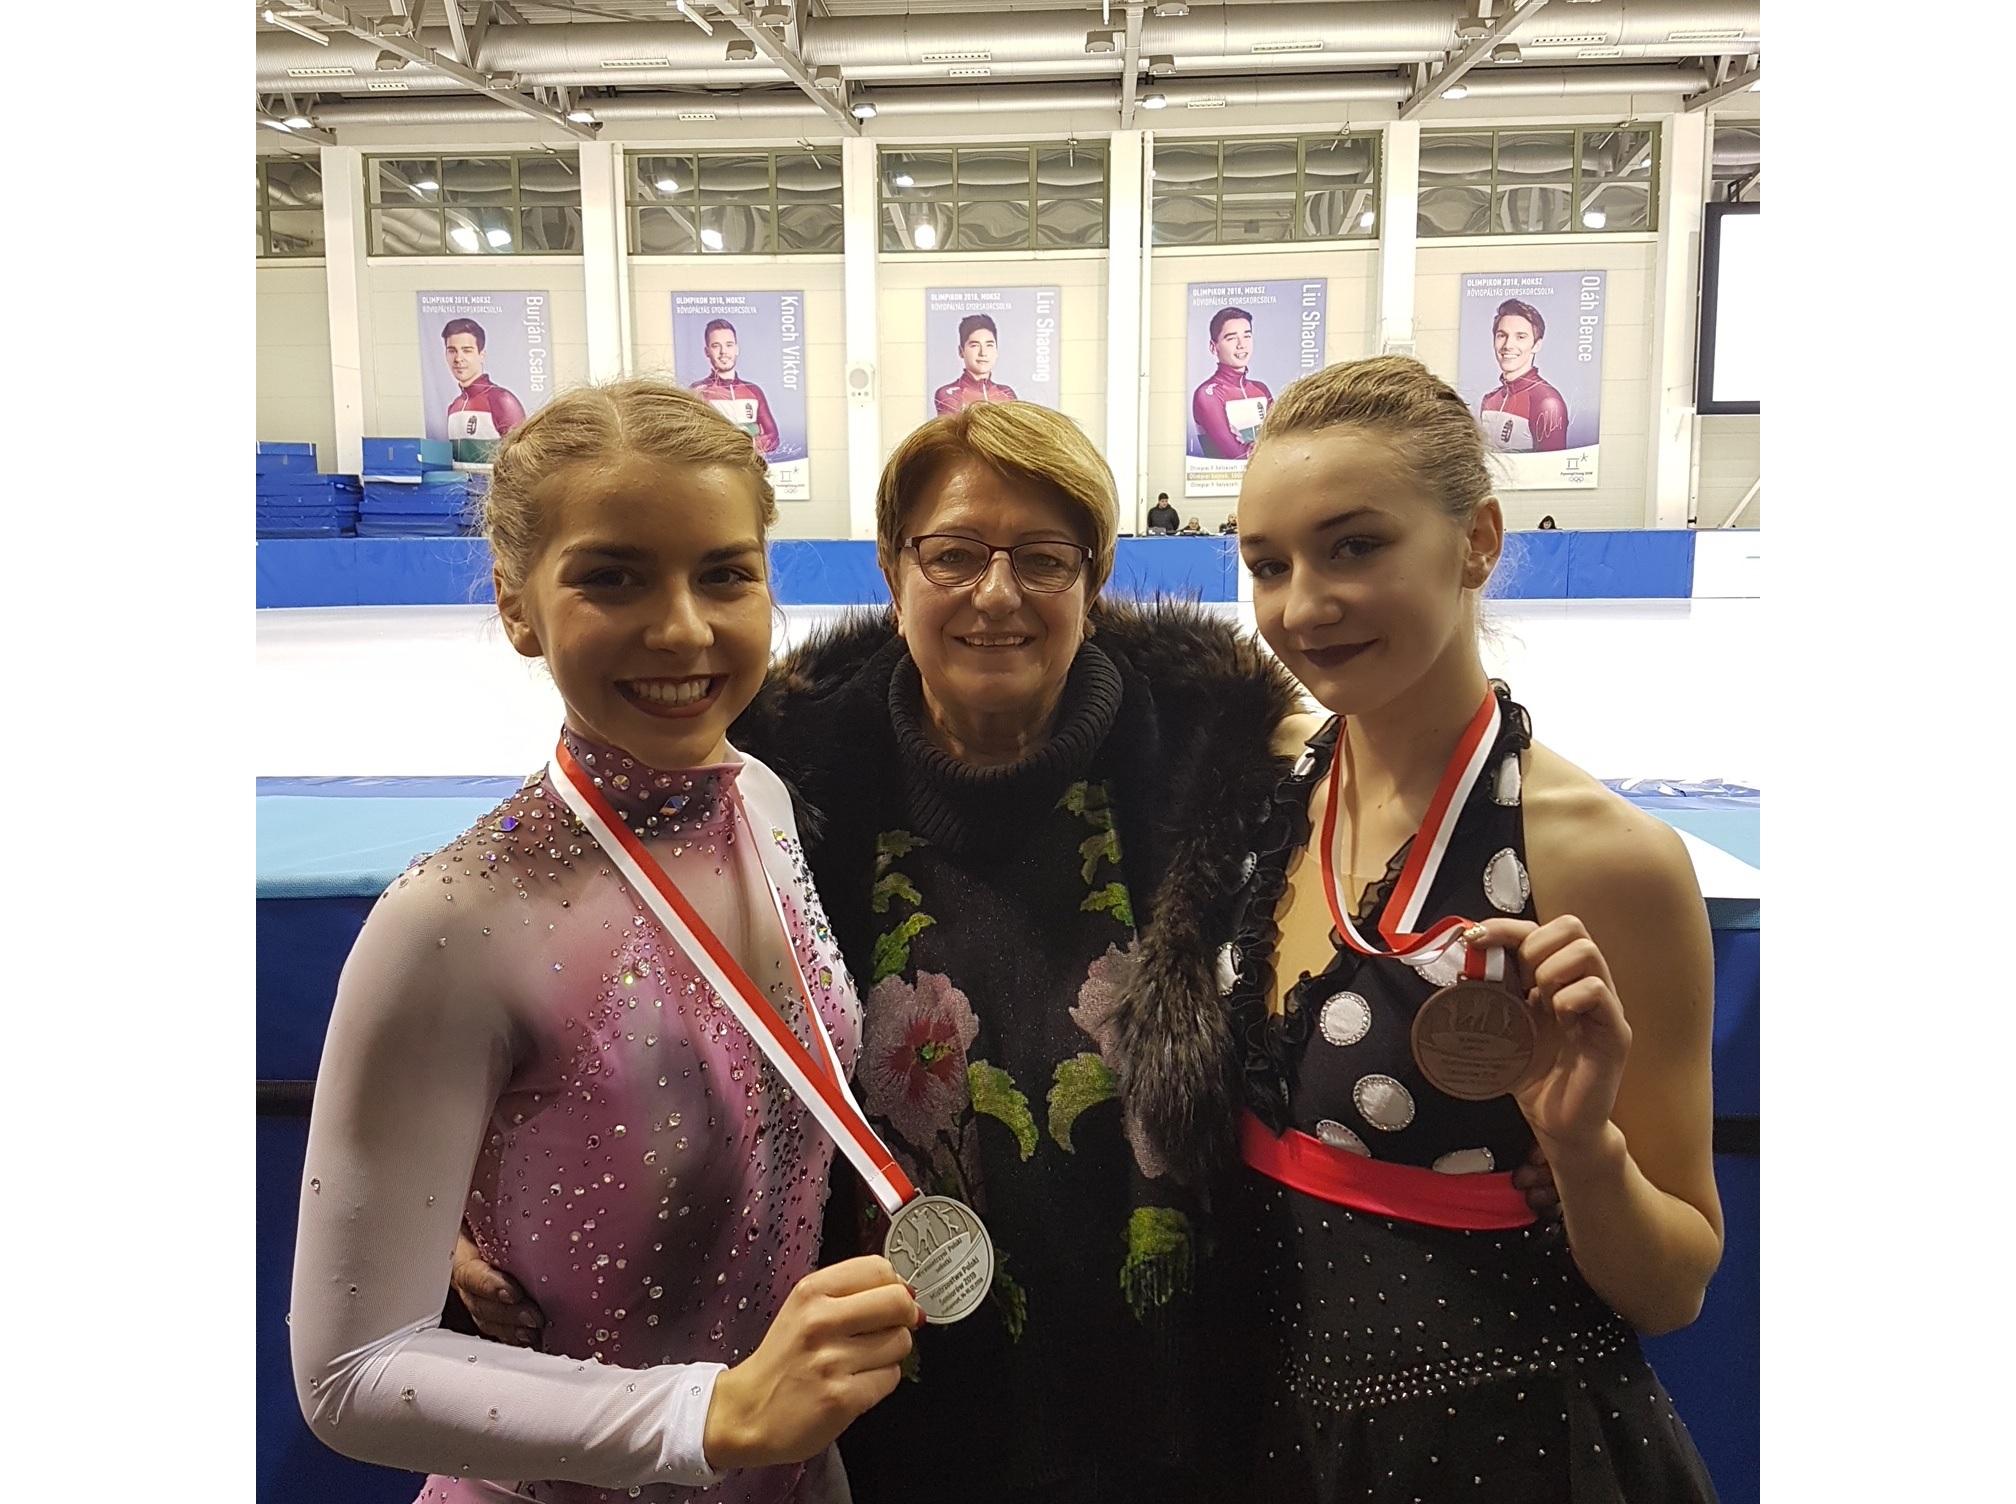 Stoją od lewej: Elżbieta Gabryszak, trenerka - Iwona Mydlarz-Chruścińska i Magdalena Zawadzka. Fot. nadesłane